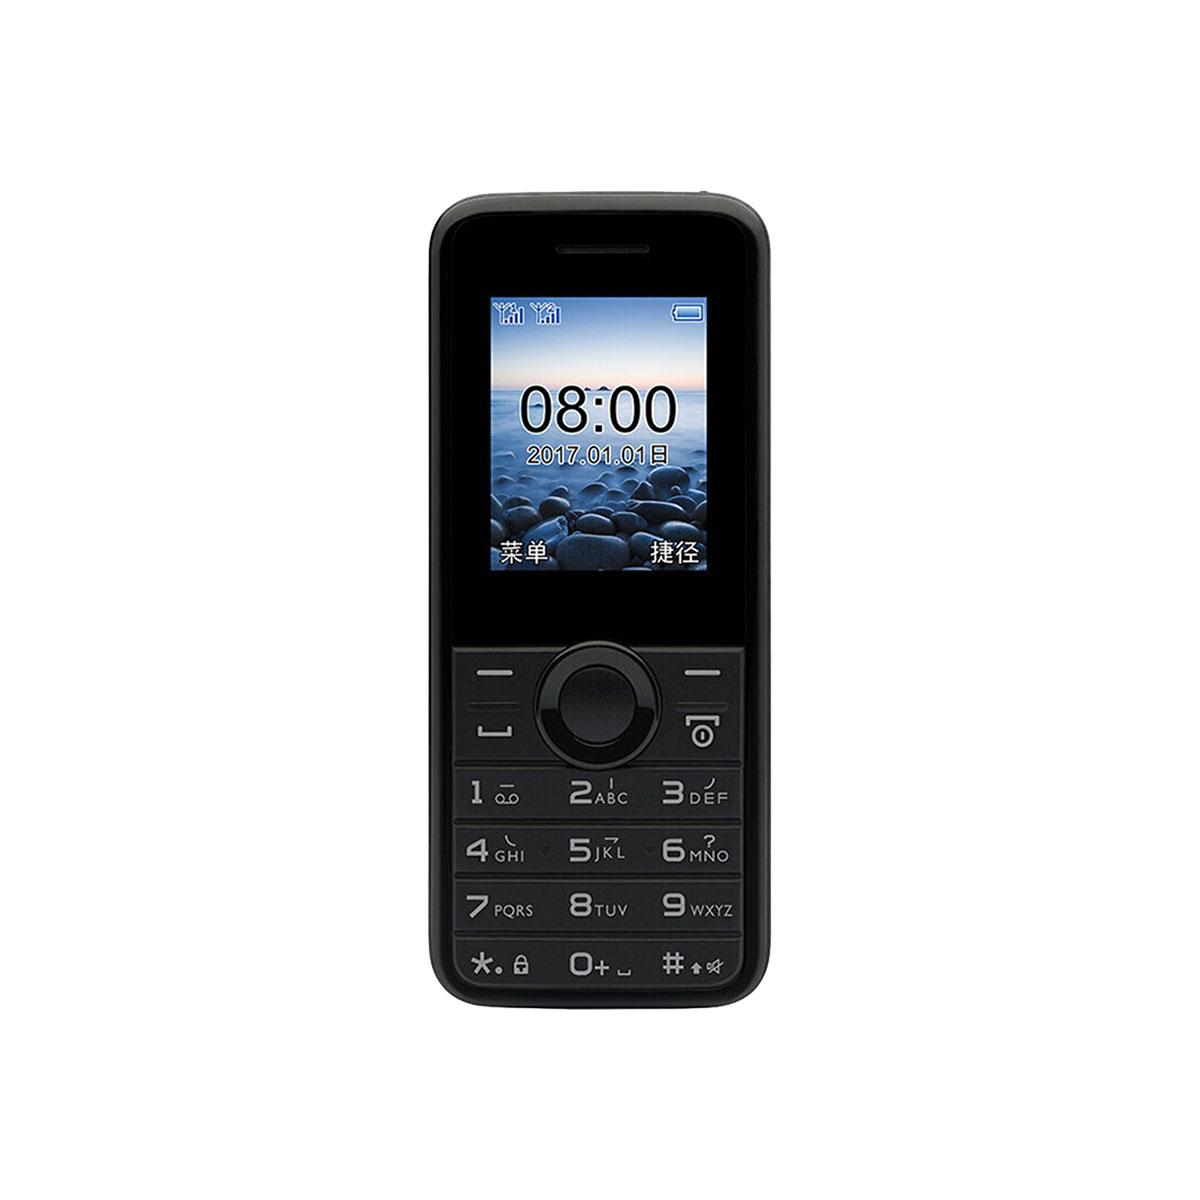 飞利浦Philips/飞利浦 E106 移动版 双卡双待 手机飞利浦 E106 石墨黑